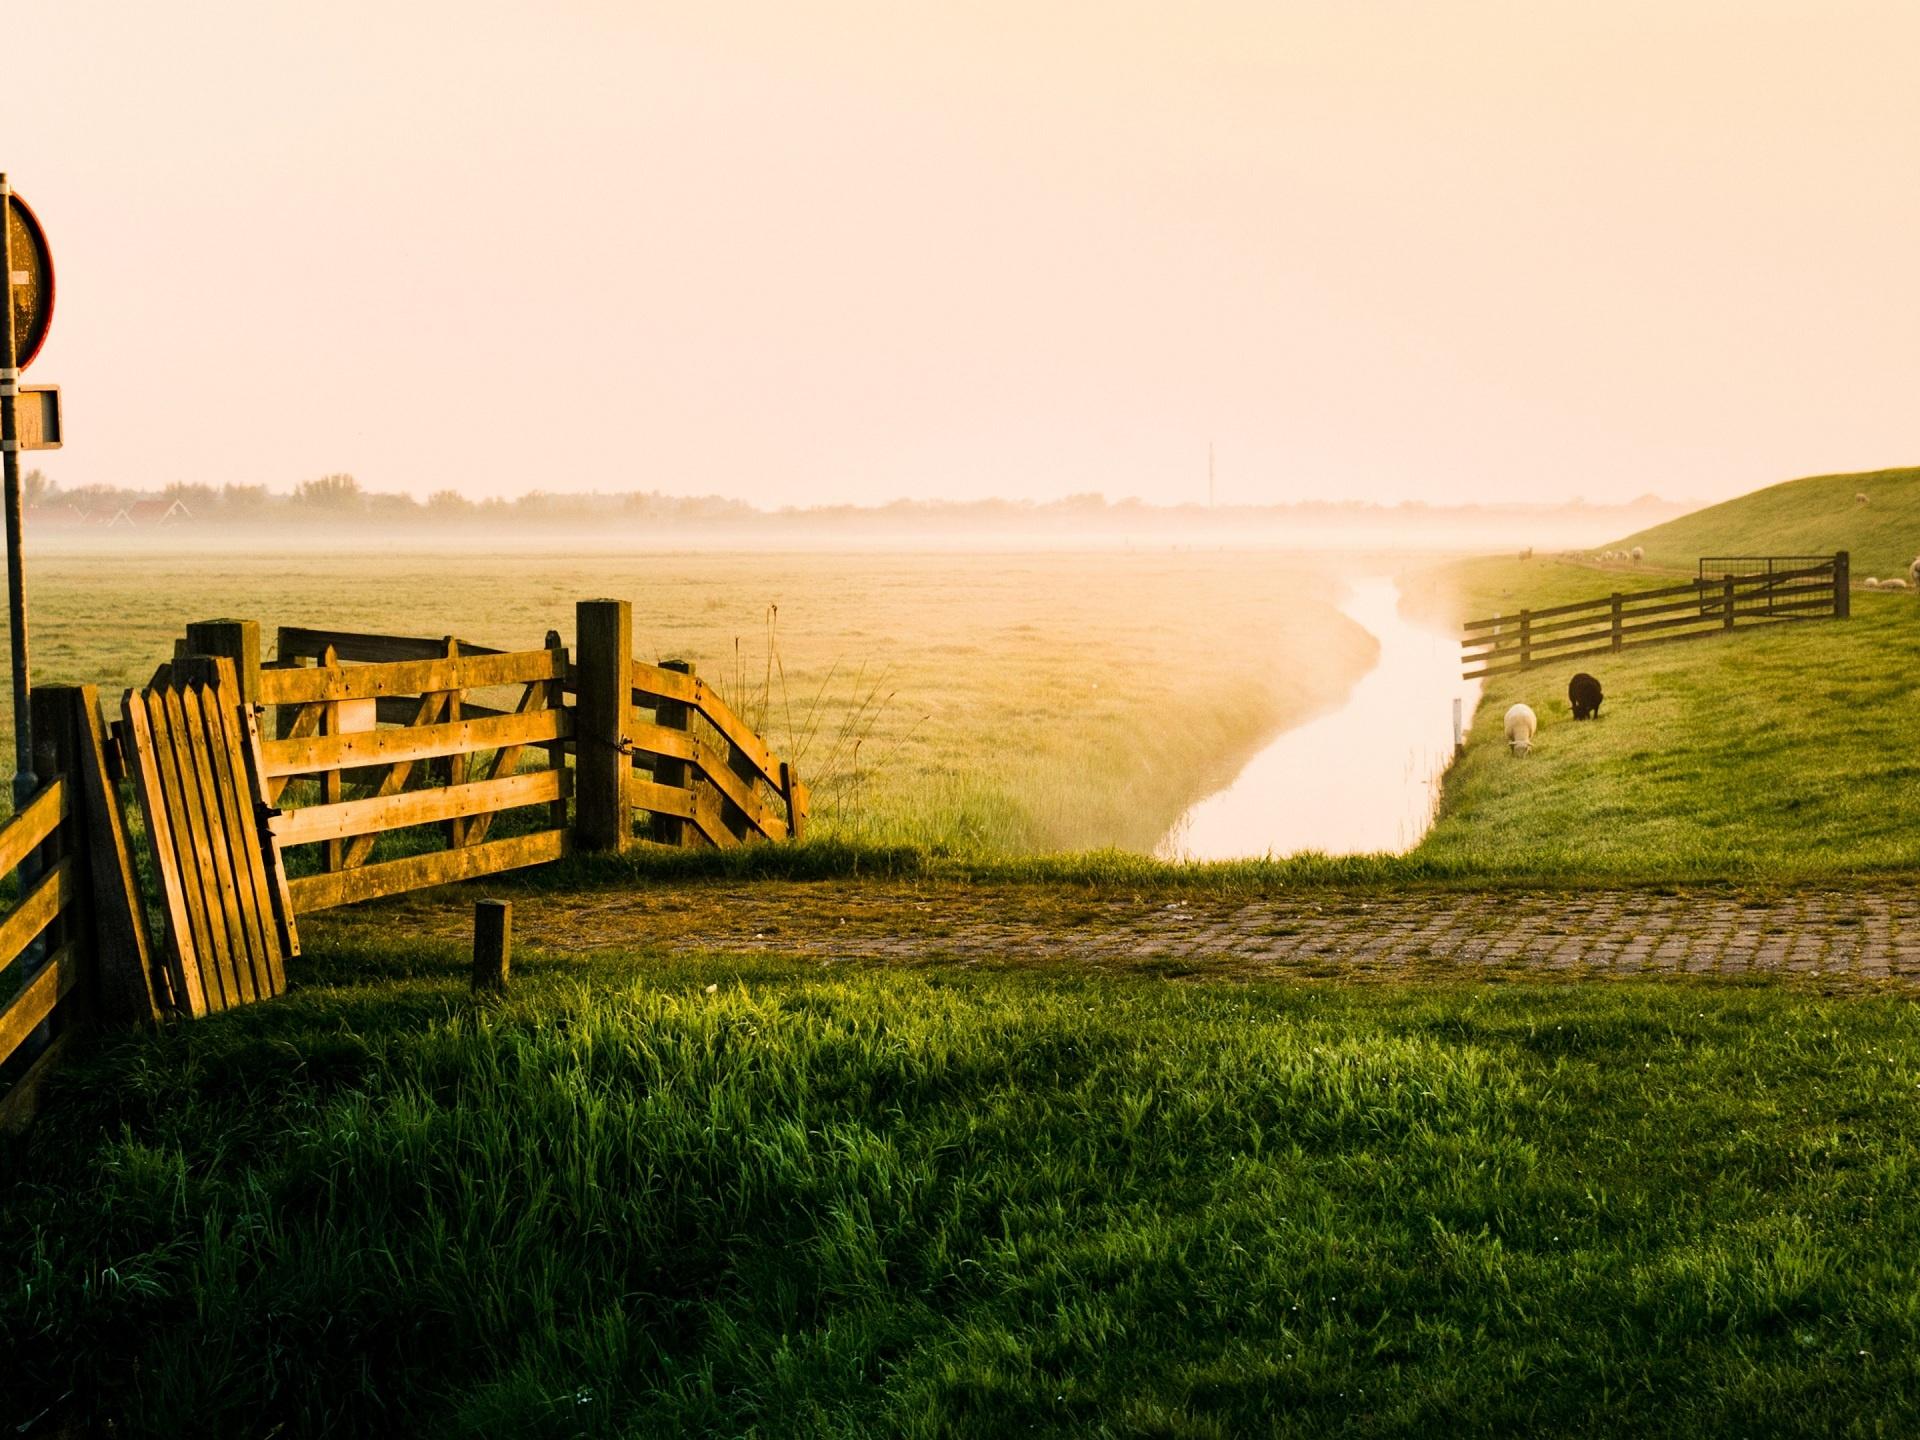 Belleza Temprano en la mañana de la granja prado arroyo ovejas Fondos de p